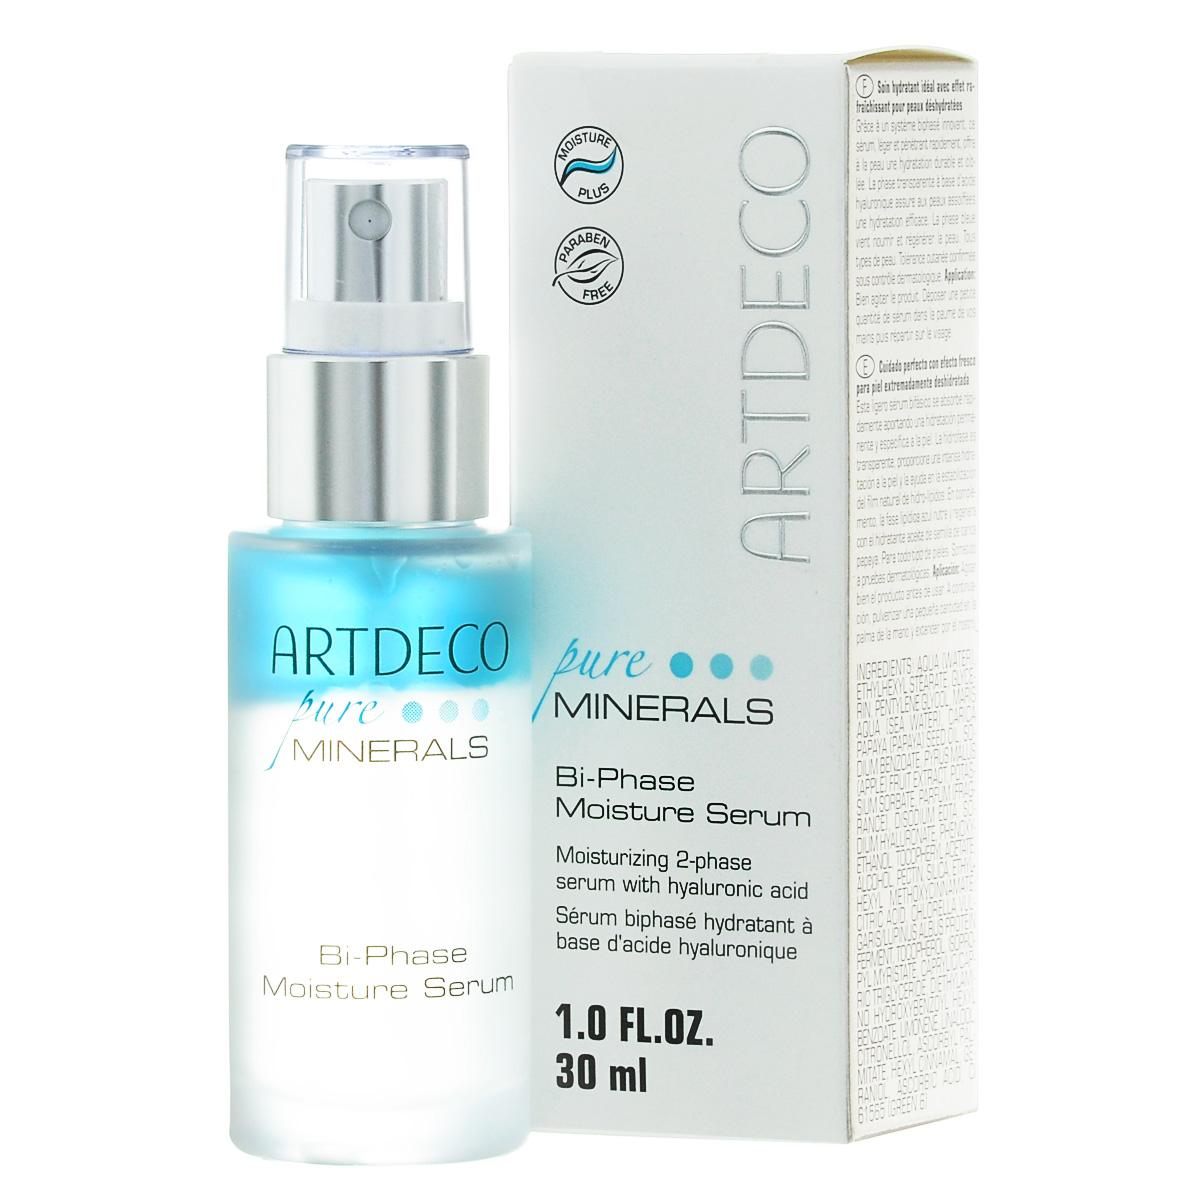 ARTDECO Двухфазная увлажняющая сыворотка для лица Pure Minerals Bi-Phase Moisture Serum, 30 мл67306Благодаря инновационной двухфазной системе эта легкая, быстро впитывающаяся сыворотка с тонким ароматом дарит коже стойкое и направленное увлажнение, питает кожу, поддерживая естественную целостность гидролипидной пленки. Поэтому фазы, взаимодействующие в сыворотке друг с другом, особенно хорошо увлажняют кожу, нуждающуюся в этом! Липидная фаза (25%) с питательным маслом семян папайи и витамином Е дарит коже больше свежести, бодрости и придает ей эластичность. Гидро-фаза (75%) насыщает кожу влагой, а входящие в ее состав гиалуроновая кислота, активные вещества из яблок, минеральный экстракт вулканических пород и биоферменты из зеленой водоросли хлорелла и из белого люпина повышают ее прочность. Переносимость кожей подтверждена дерматологическим контролем. Подходит для всех типов кожи, особенно для обезвоженной кожи. Перед употреблением хорошо взболтать.